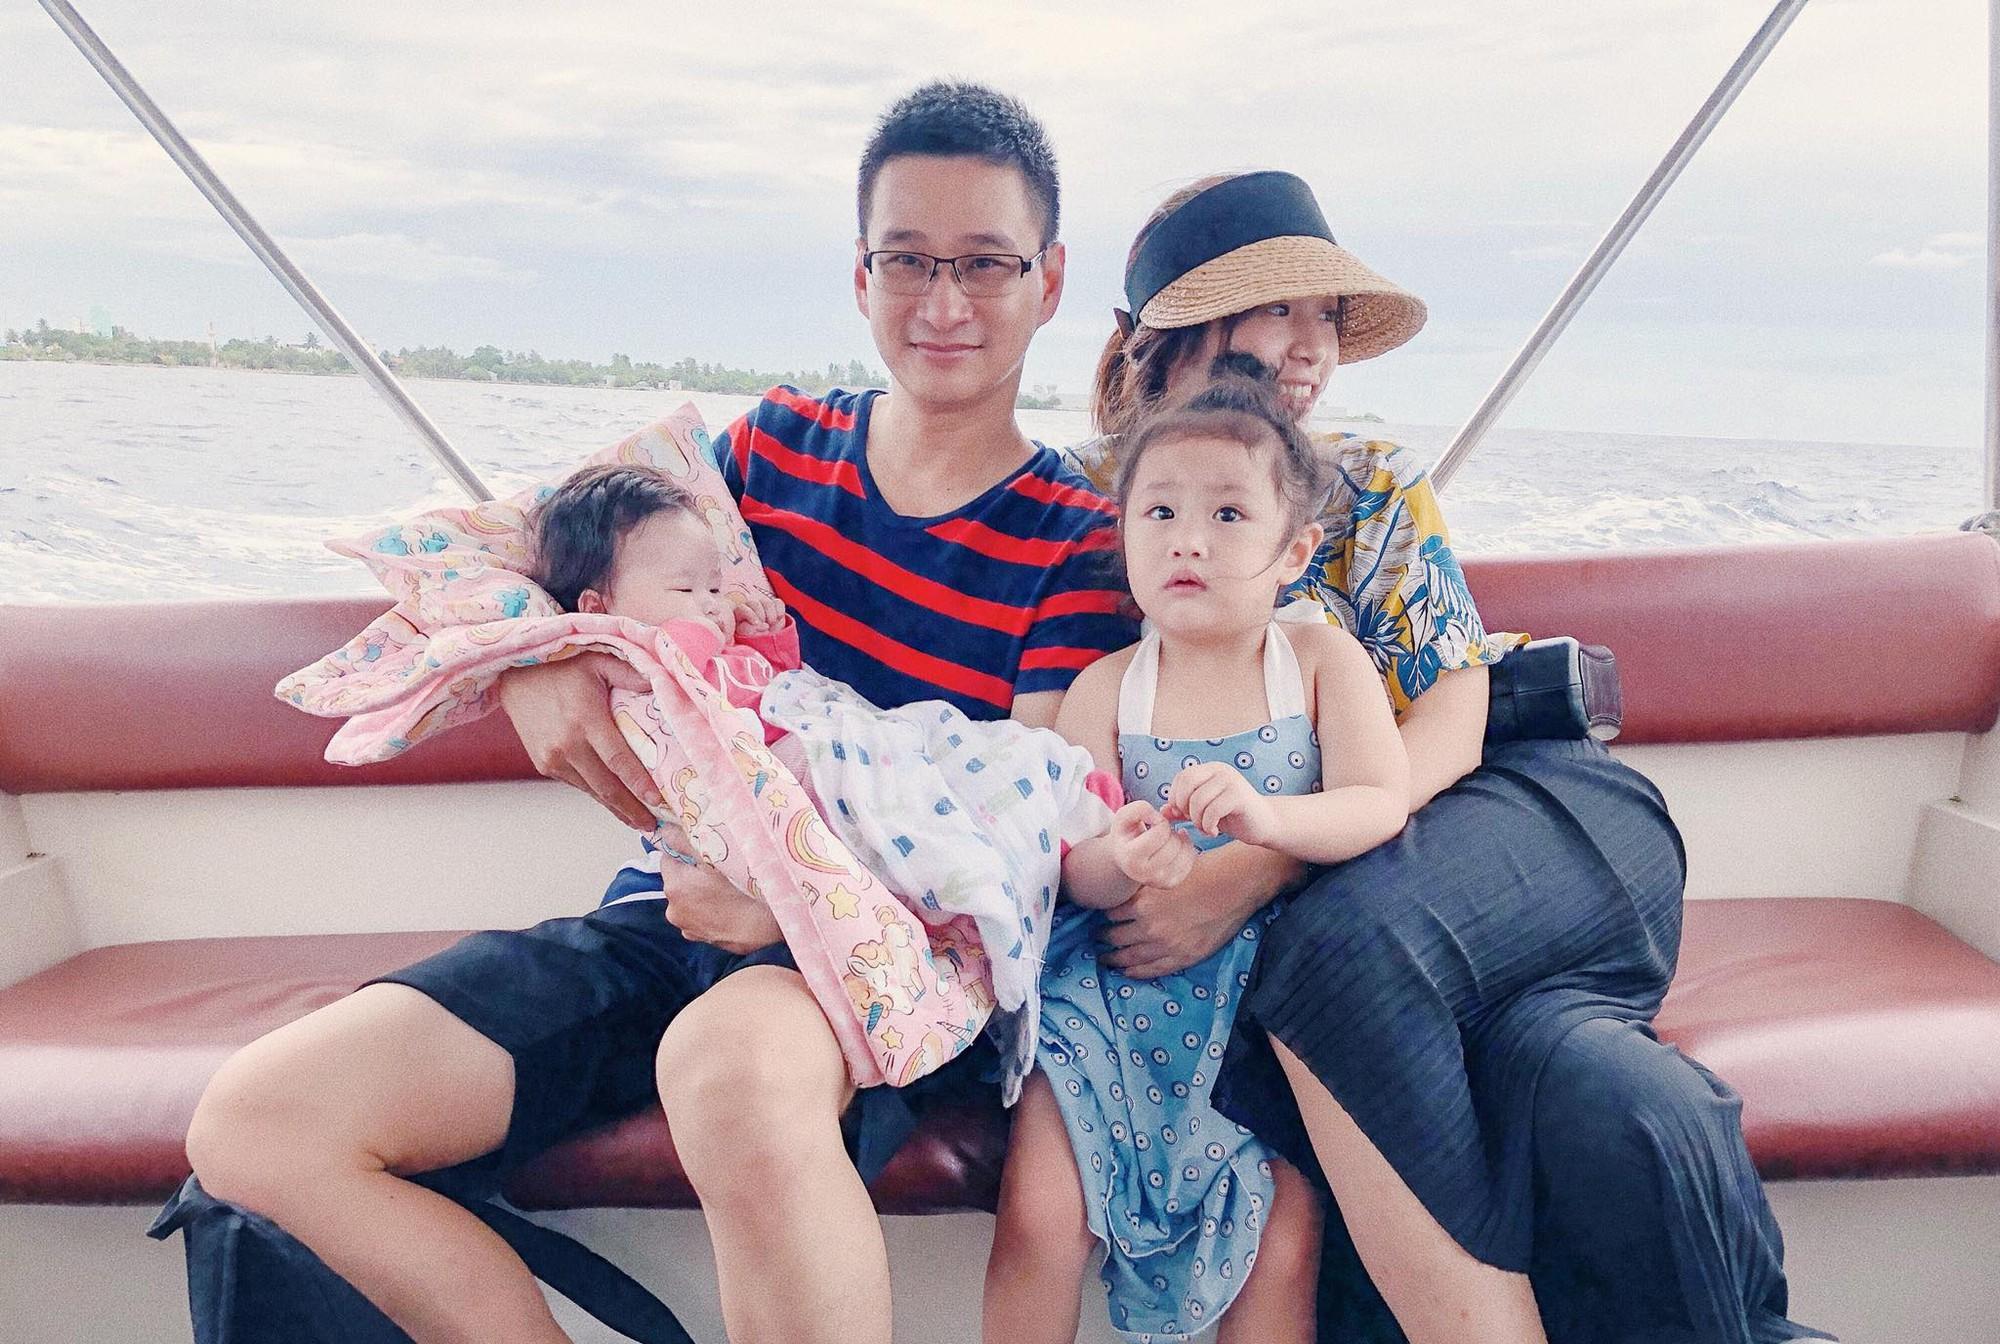 Nàng Hoa hậu người Việt tại Mỹ chia sẻ bí quyết dù con bé tí hin vẫn cùng chồng đi thiên đường tình yêu Maldives lãng mạn - Ảnh 12.